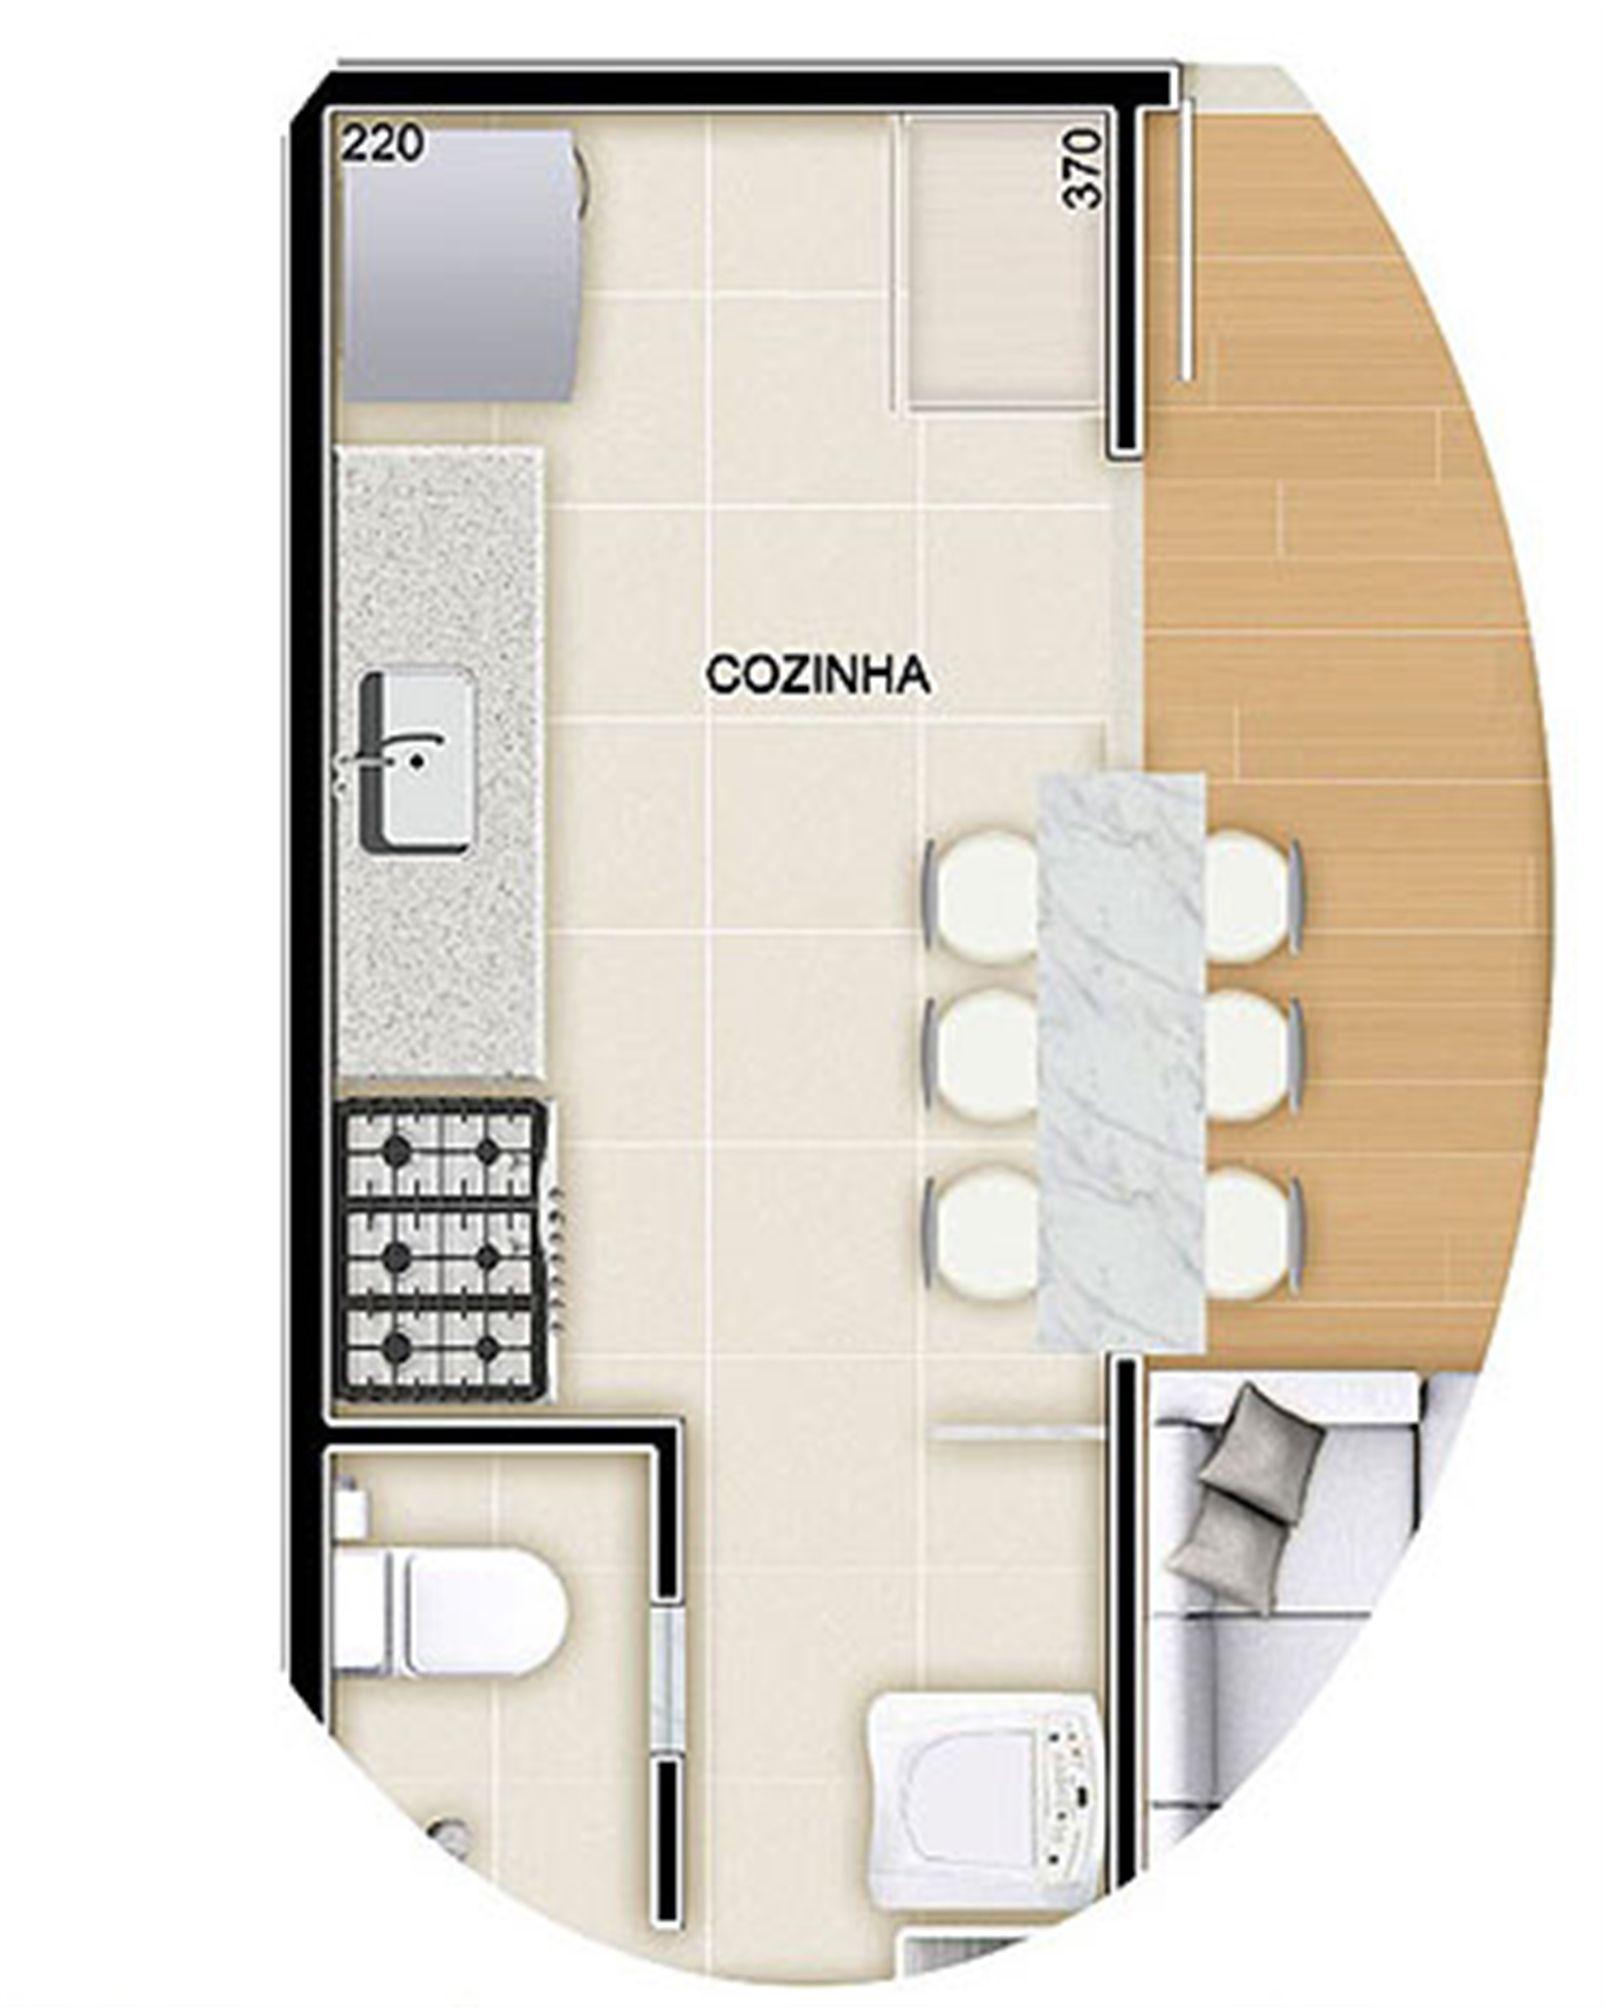 Torres 2 e 3 3 Quartos 90 m² Planta opção Cozinha Americana  #936C38 1605 2008